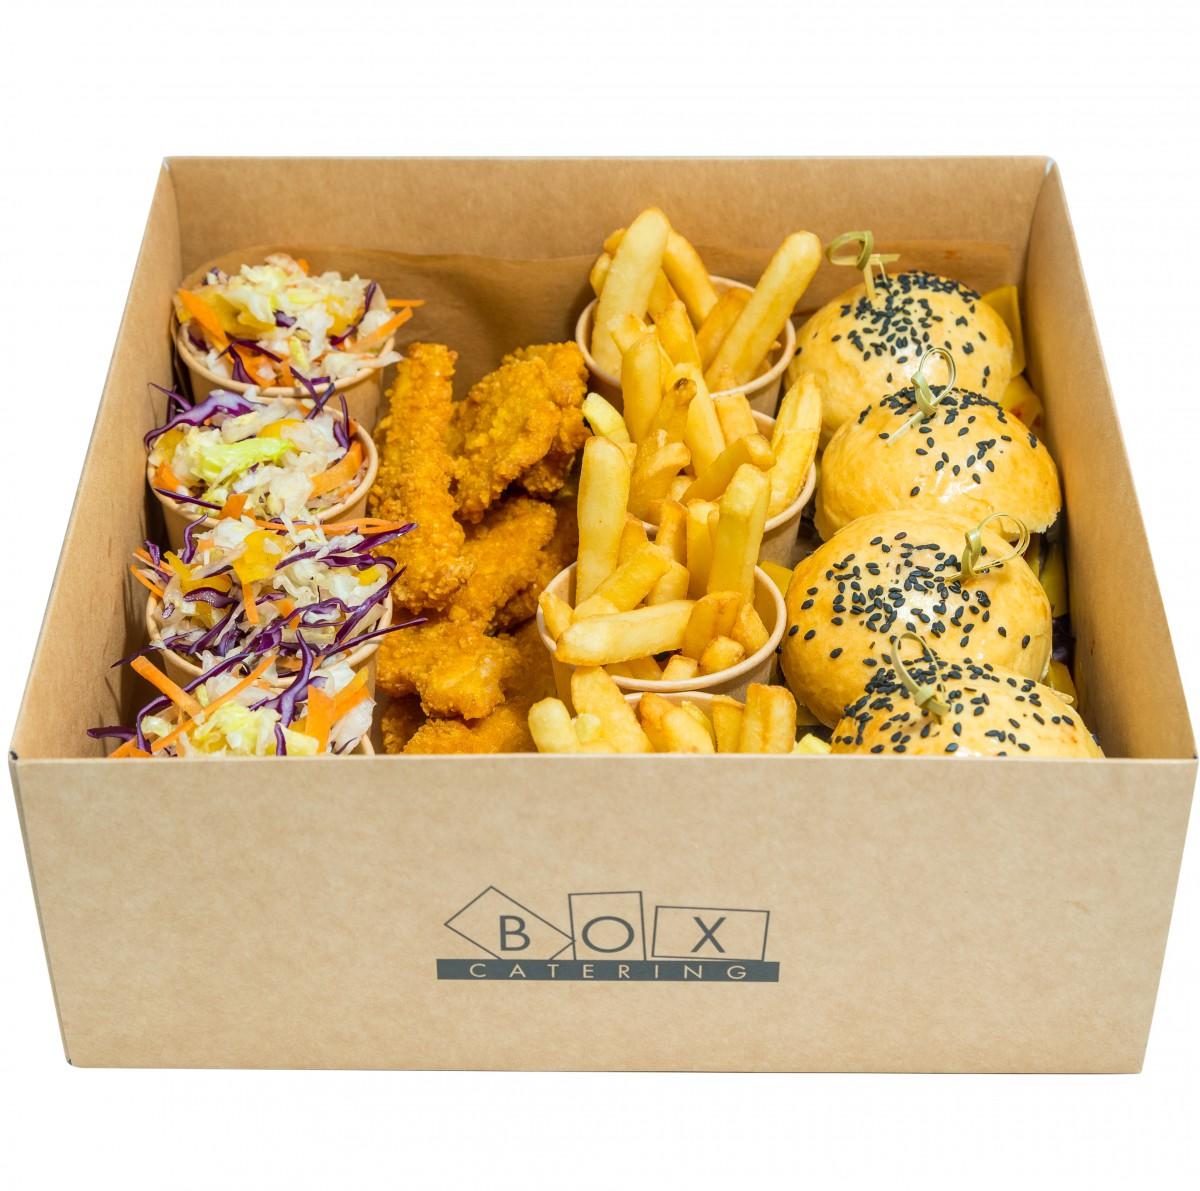 Mini burgers classic box фото 4